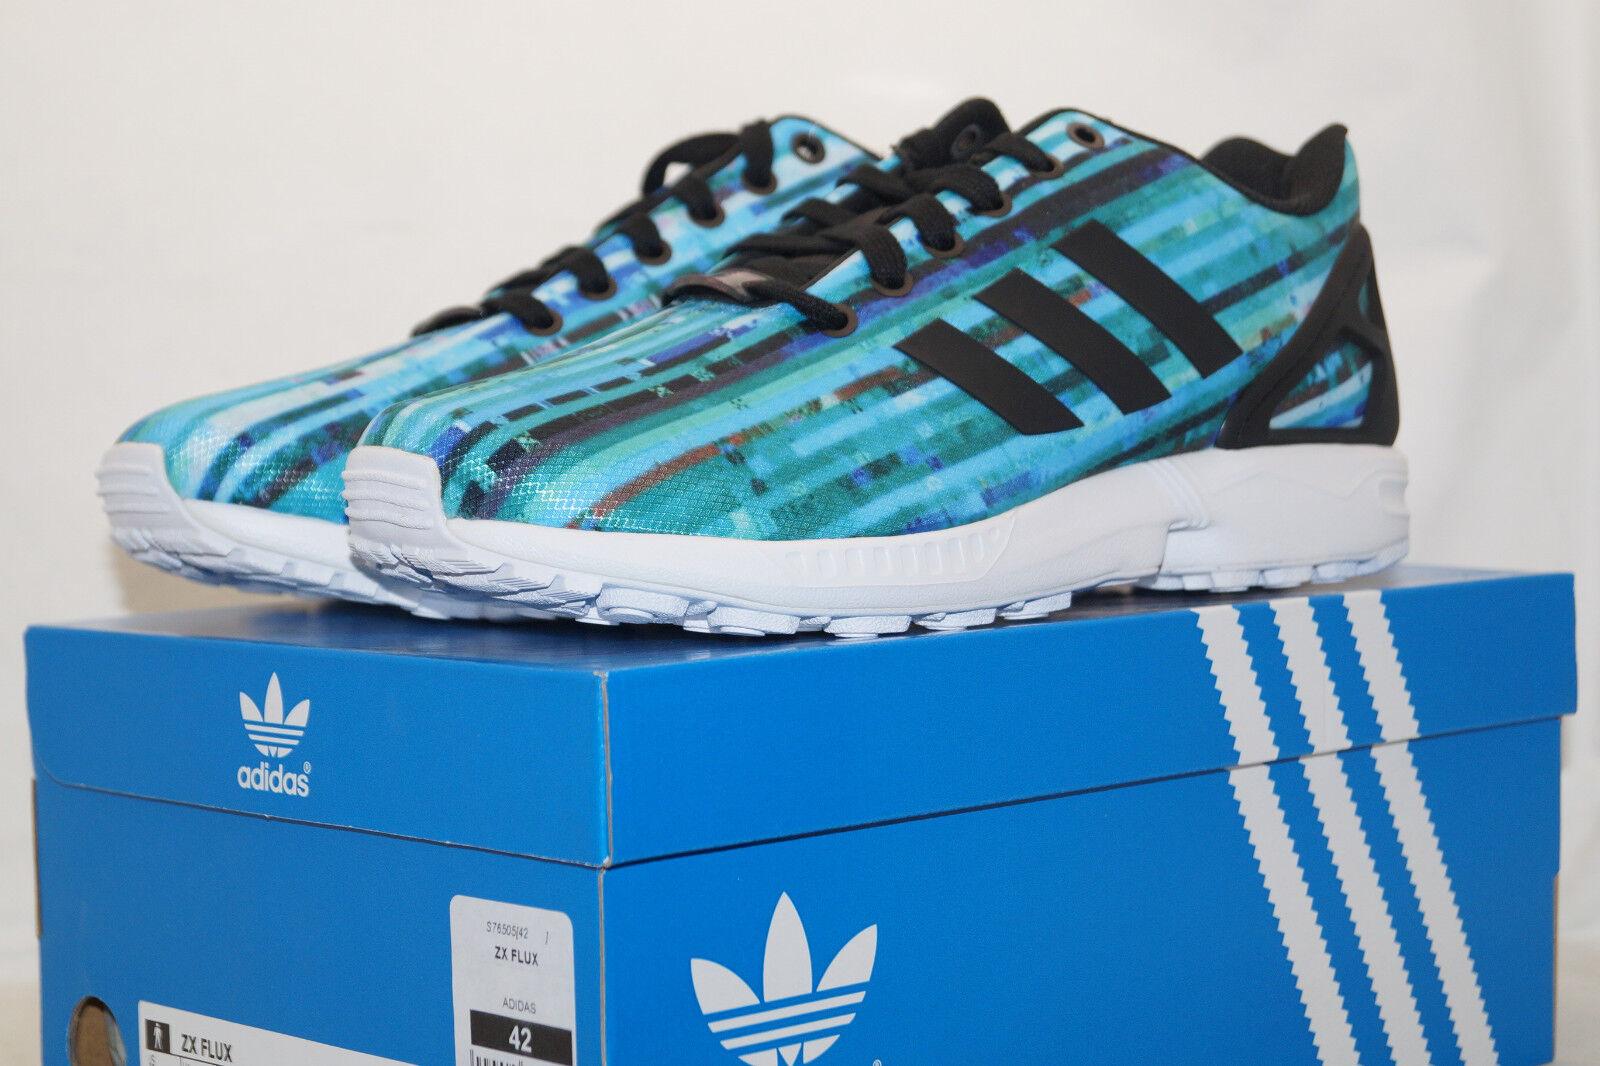 Adidas ZX FLUX TORSION EU 42 UK 8 Running Running Running Schuhes türkis blau s76505 Laufschuhe 956023